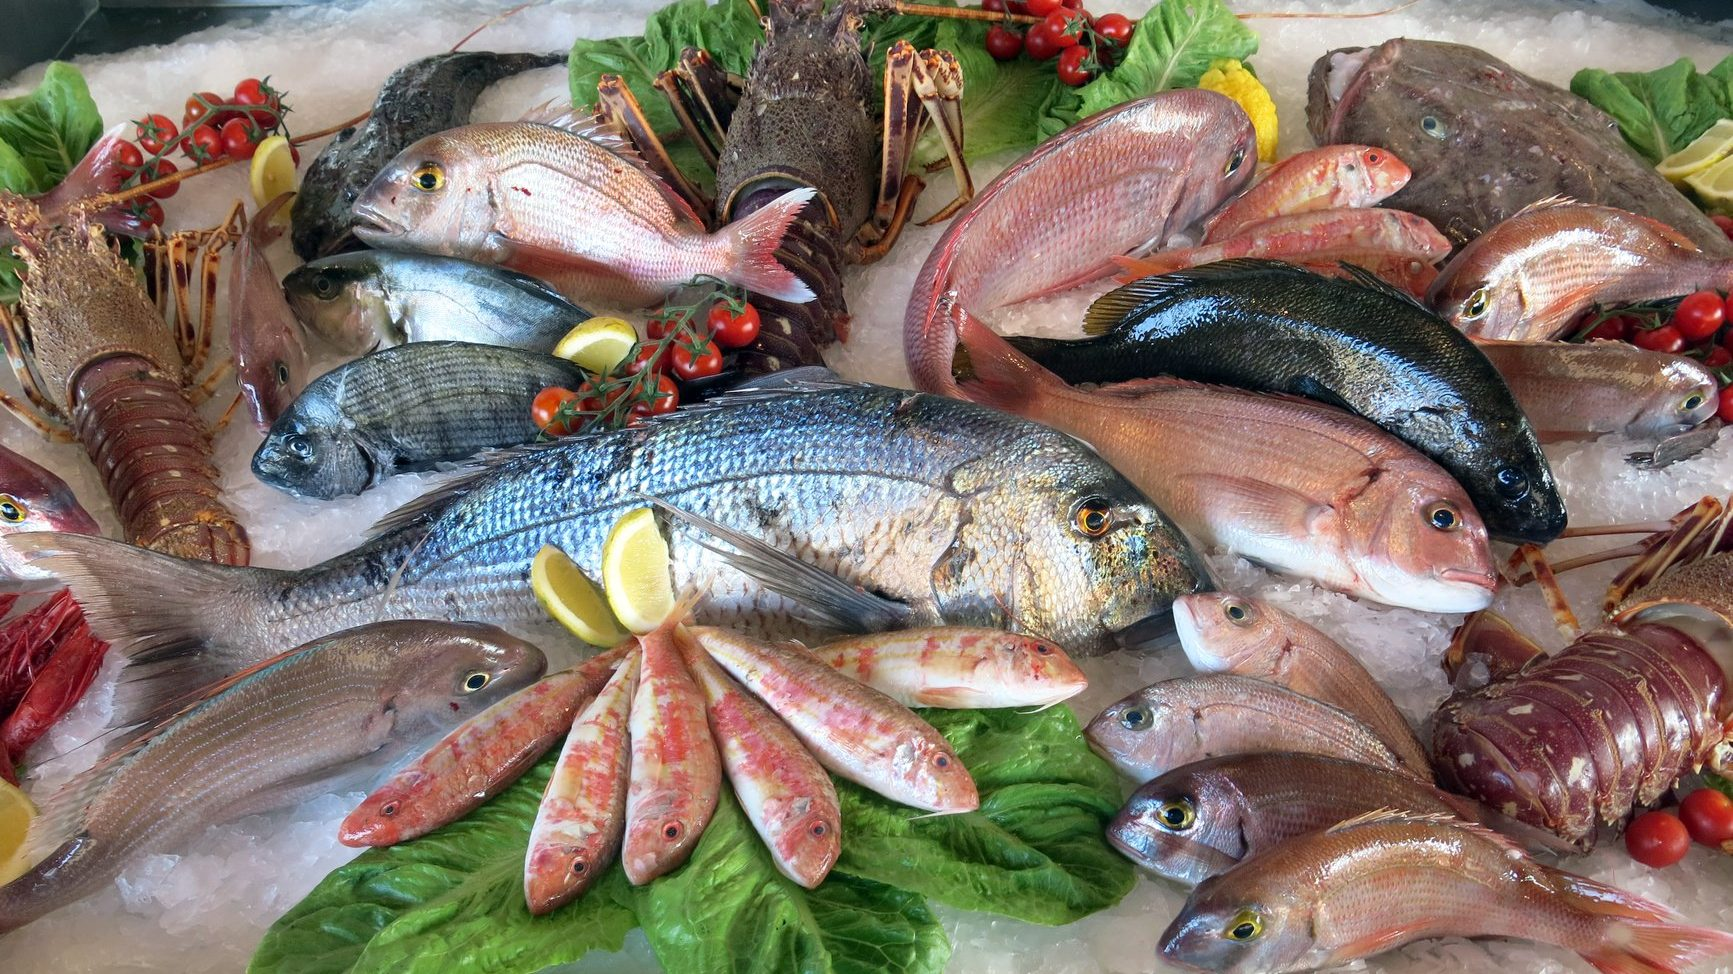 Ristorante di Pesce Fresco a Parma con il pescato Luna Blu